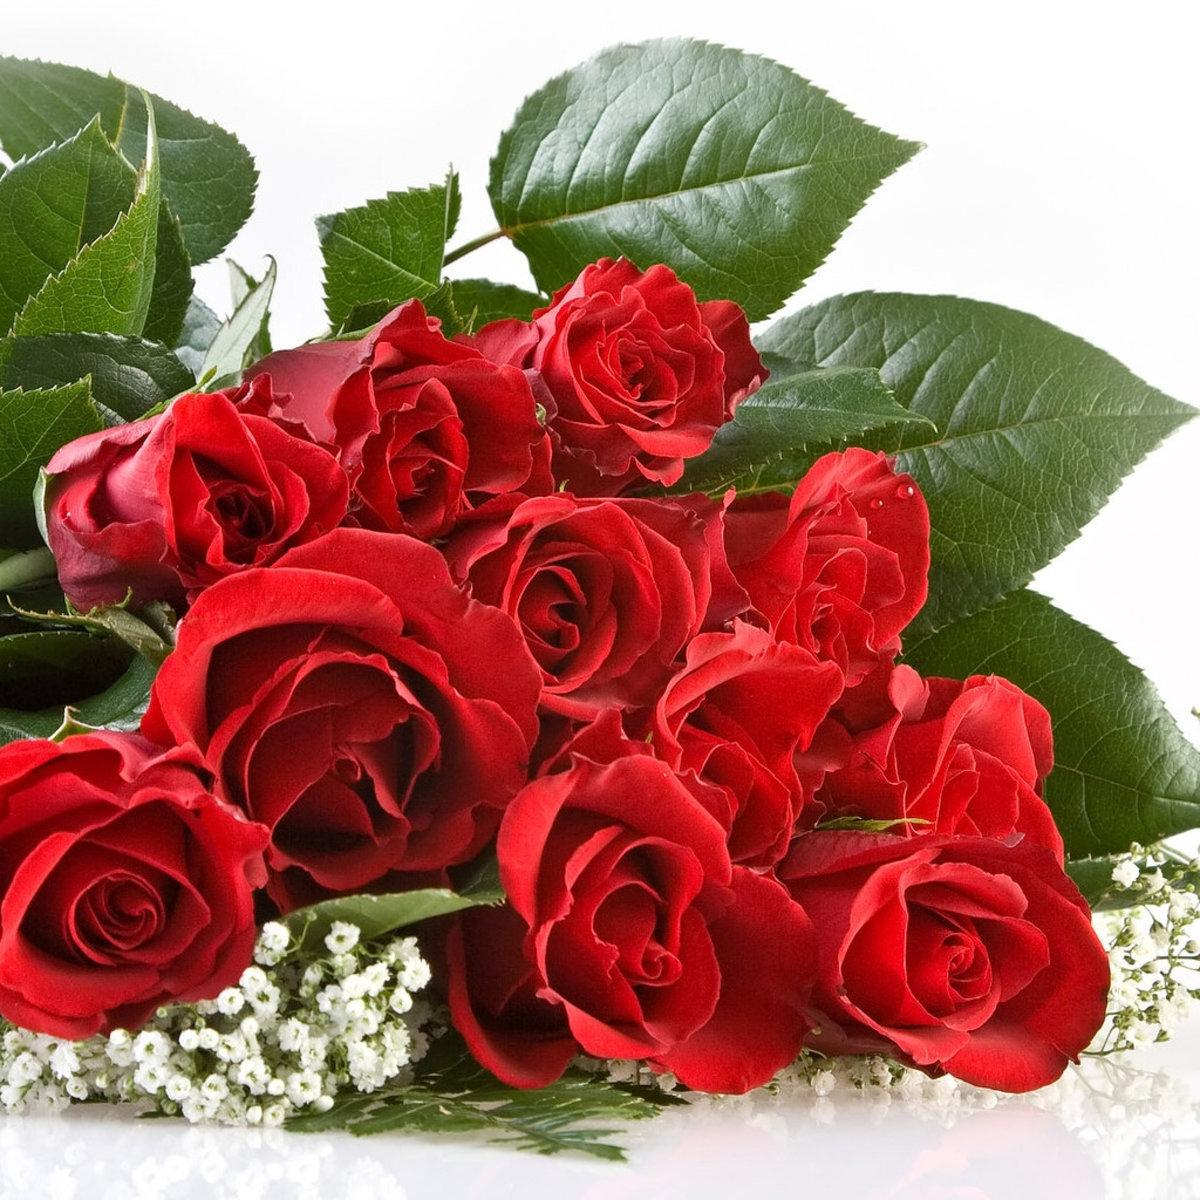 Скачать картинку на телефон бесплатно: цветы, растения, розы.